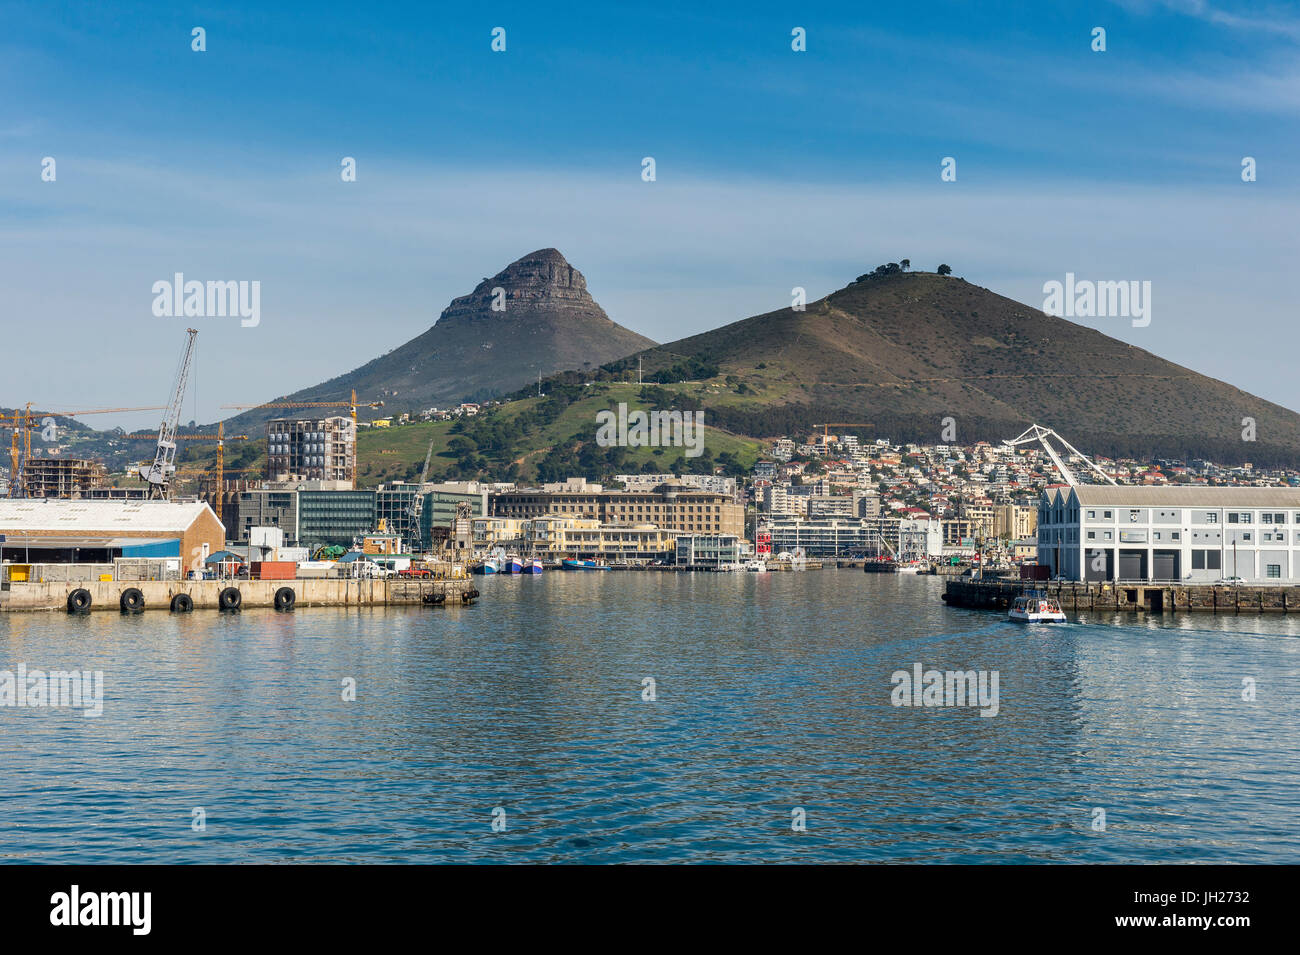 Skyline von Kapstadt mit Lions Head im Hintergrund, Cape Town, Südafrika, Afrika Stockbild